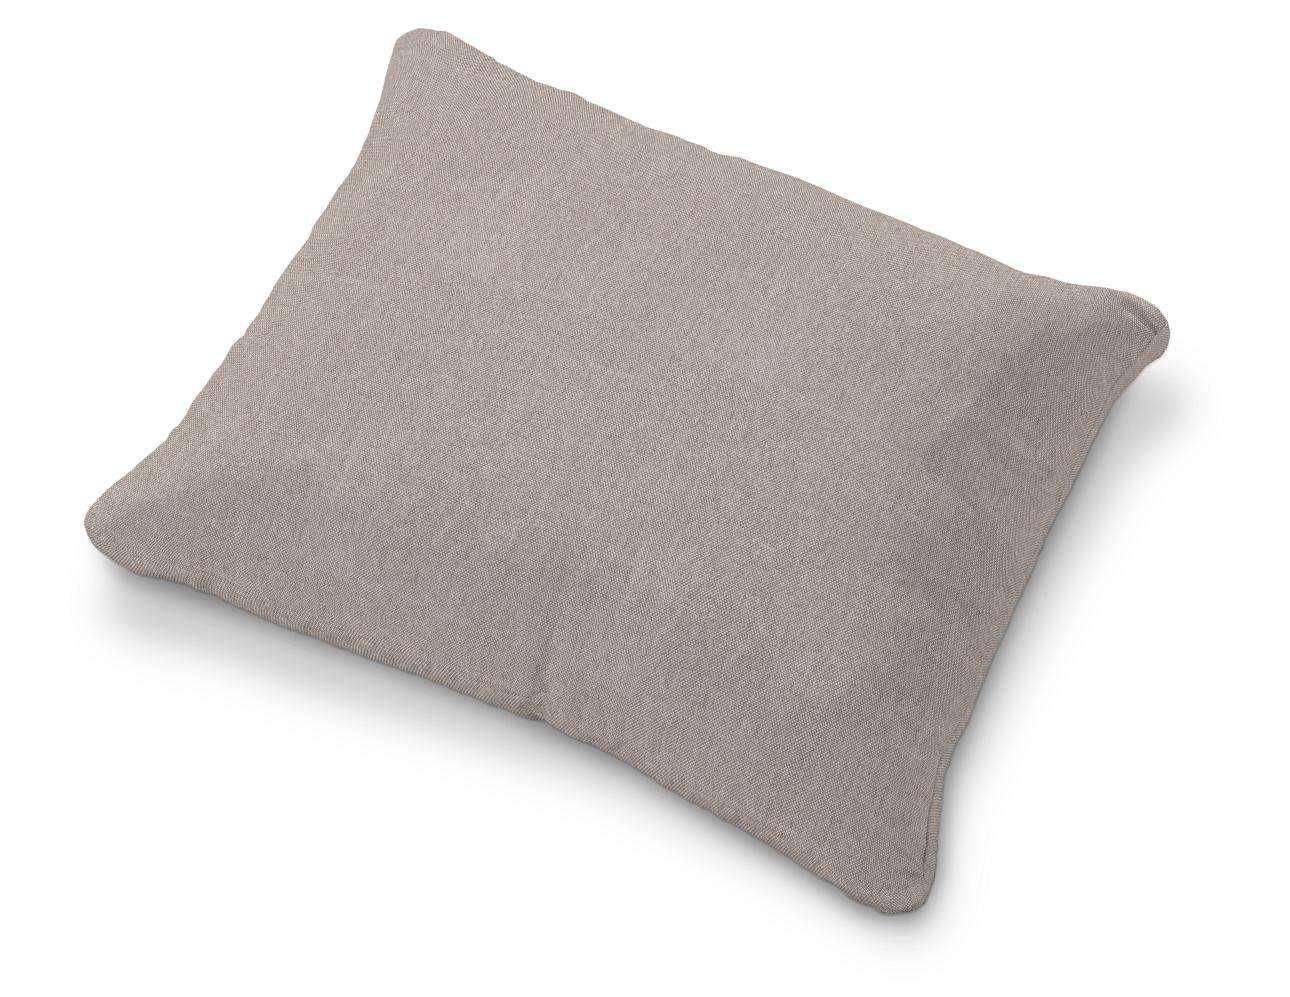 Karlstad pagalvėlės užvalkalas(58 cm x 48 cm) Karlstad pagavėlės užvalkalas 58x48cm kolekcijoje Etna , audinys: 705-09